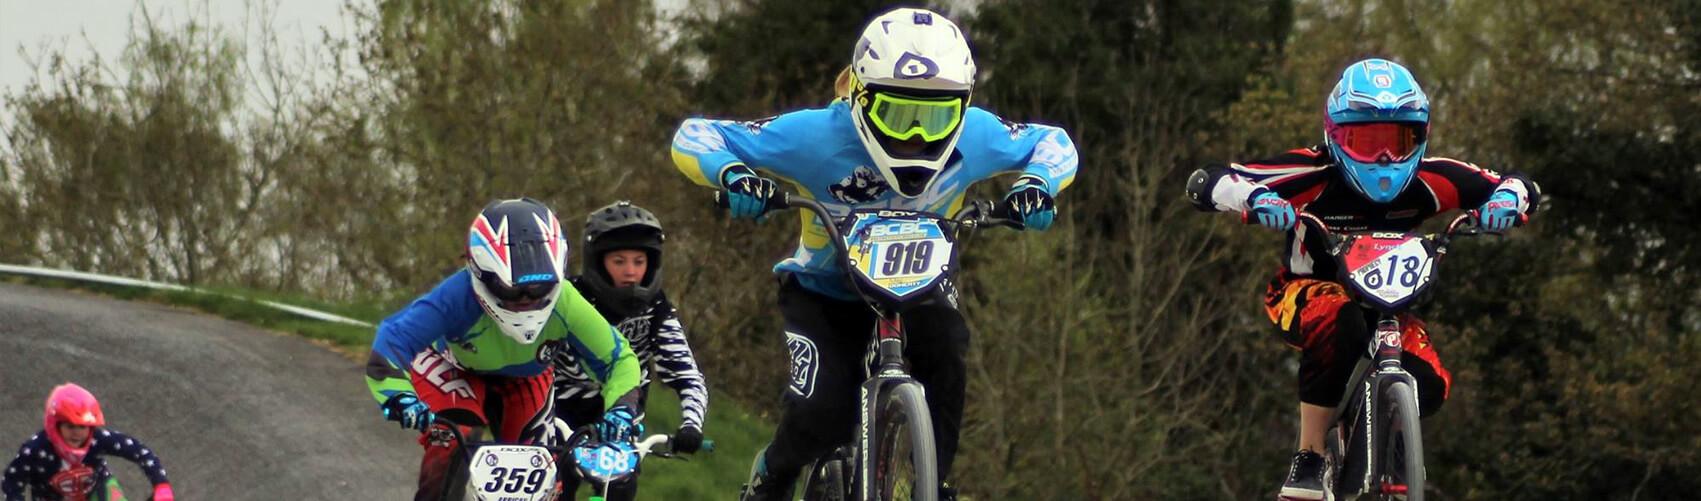 Lucan National 2017 R1 A - Eddie Allen - Belfast City BMX